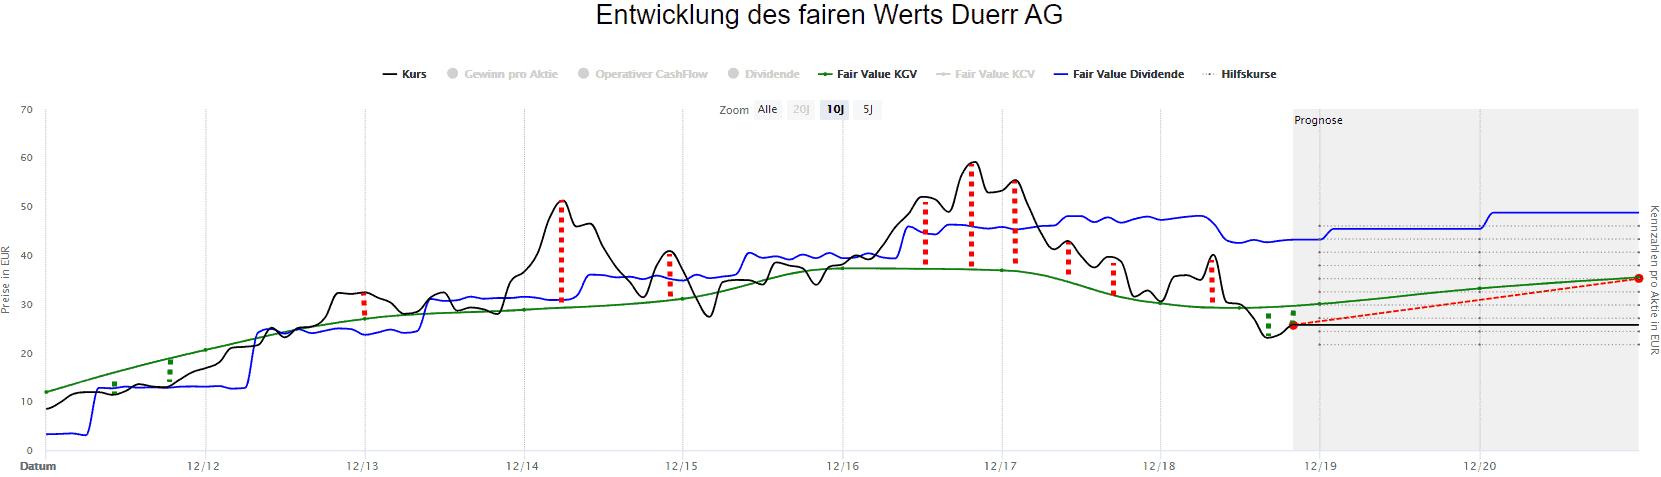 Die Dürr Aktie in der Dynamischen Aktienbewertung